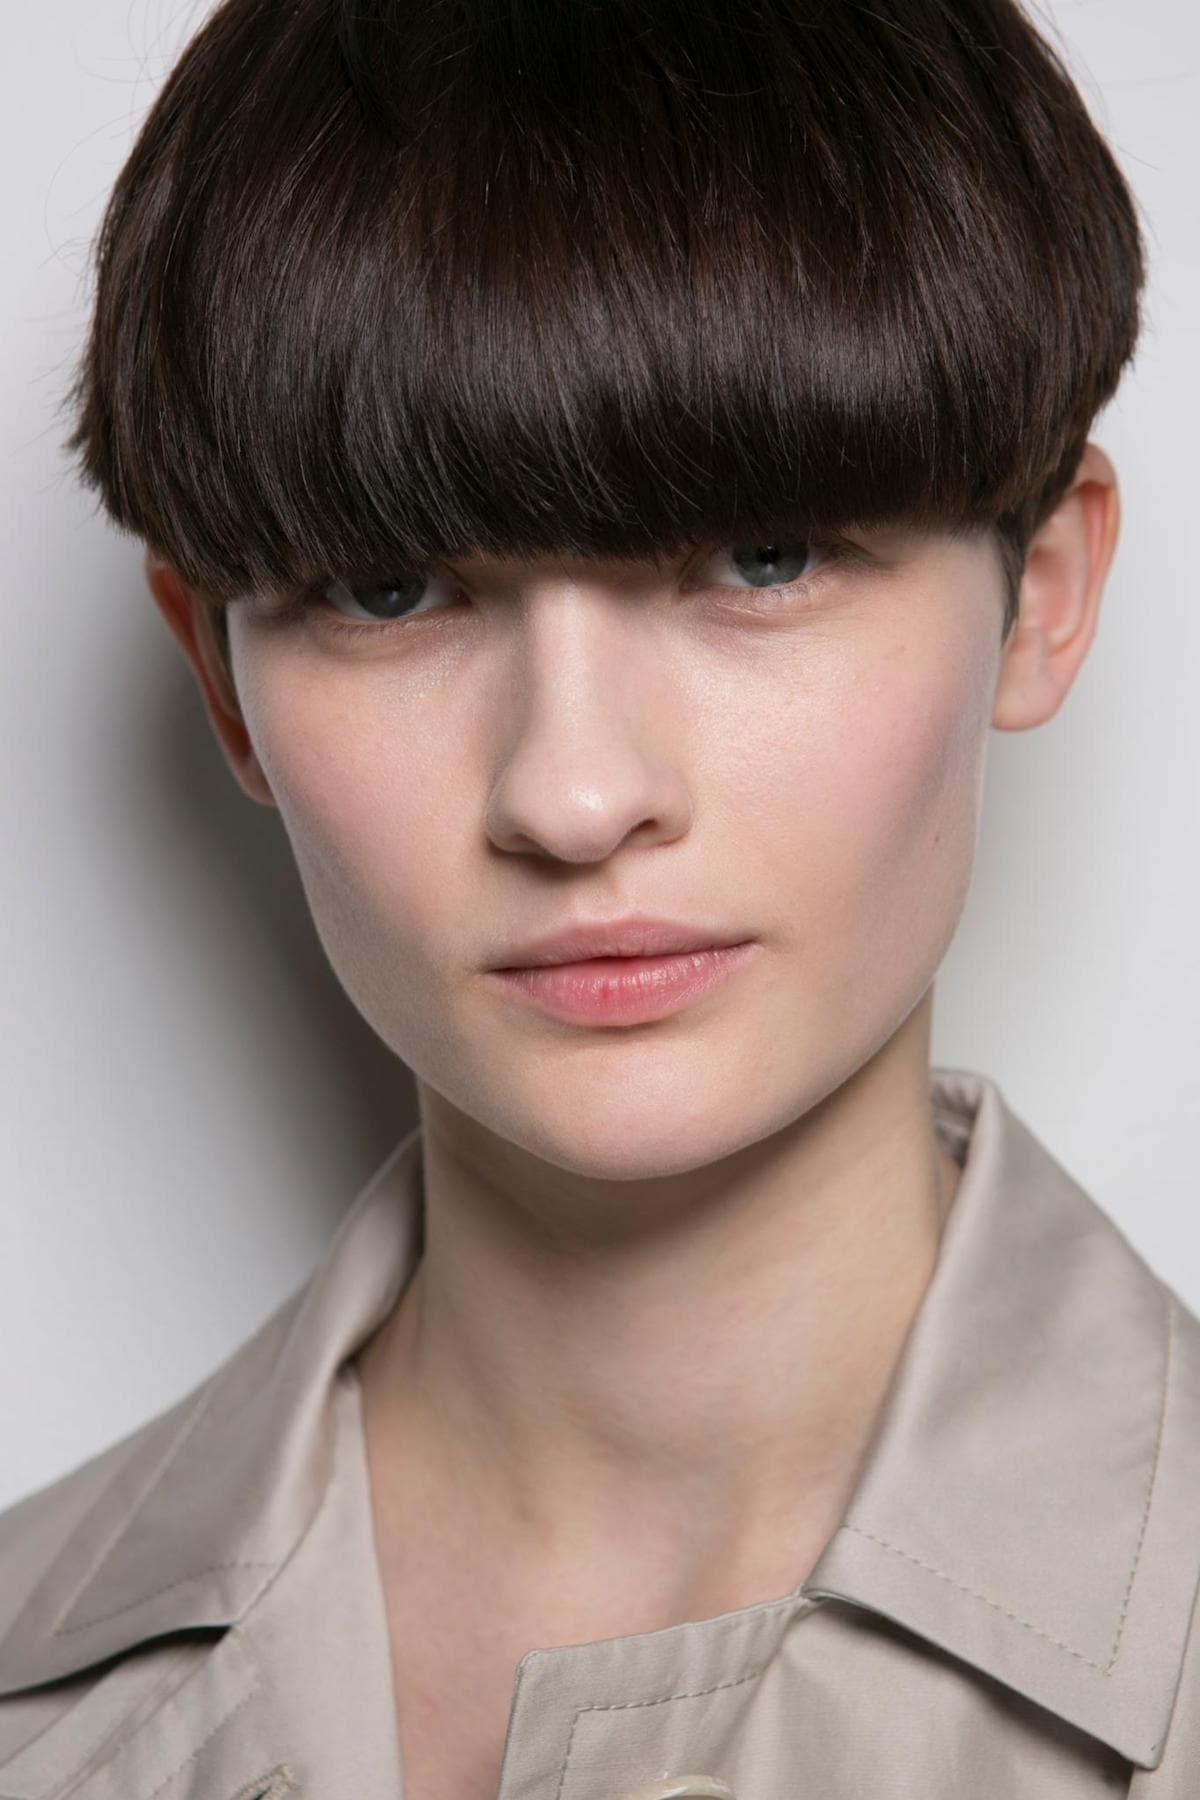 Wanita kaukasia dengan model rambut bowl cut gaya androgini